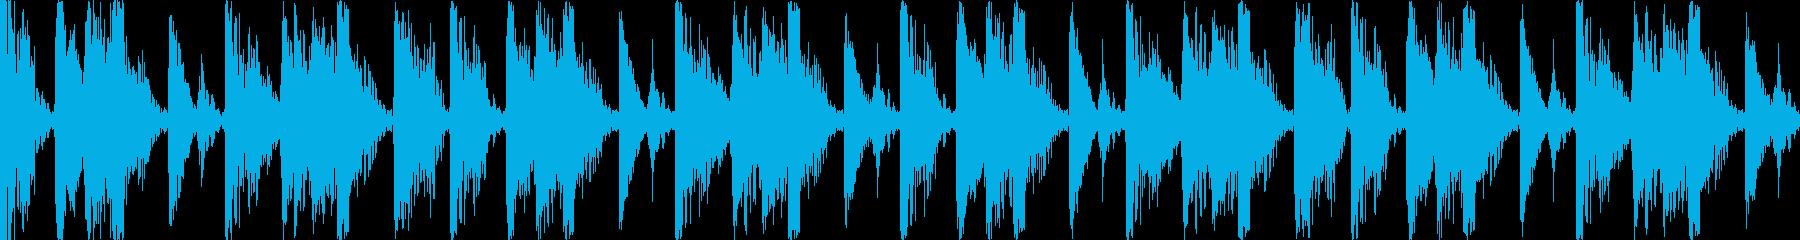 【ループA】ファンキーなブレイクビーツの再生済みの波形